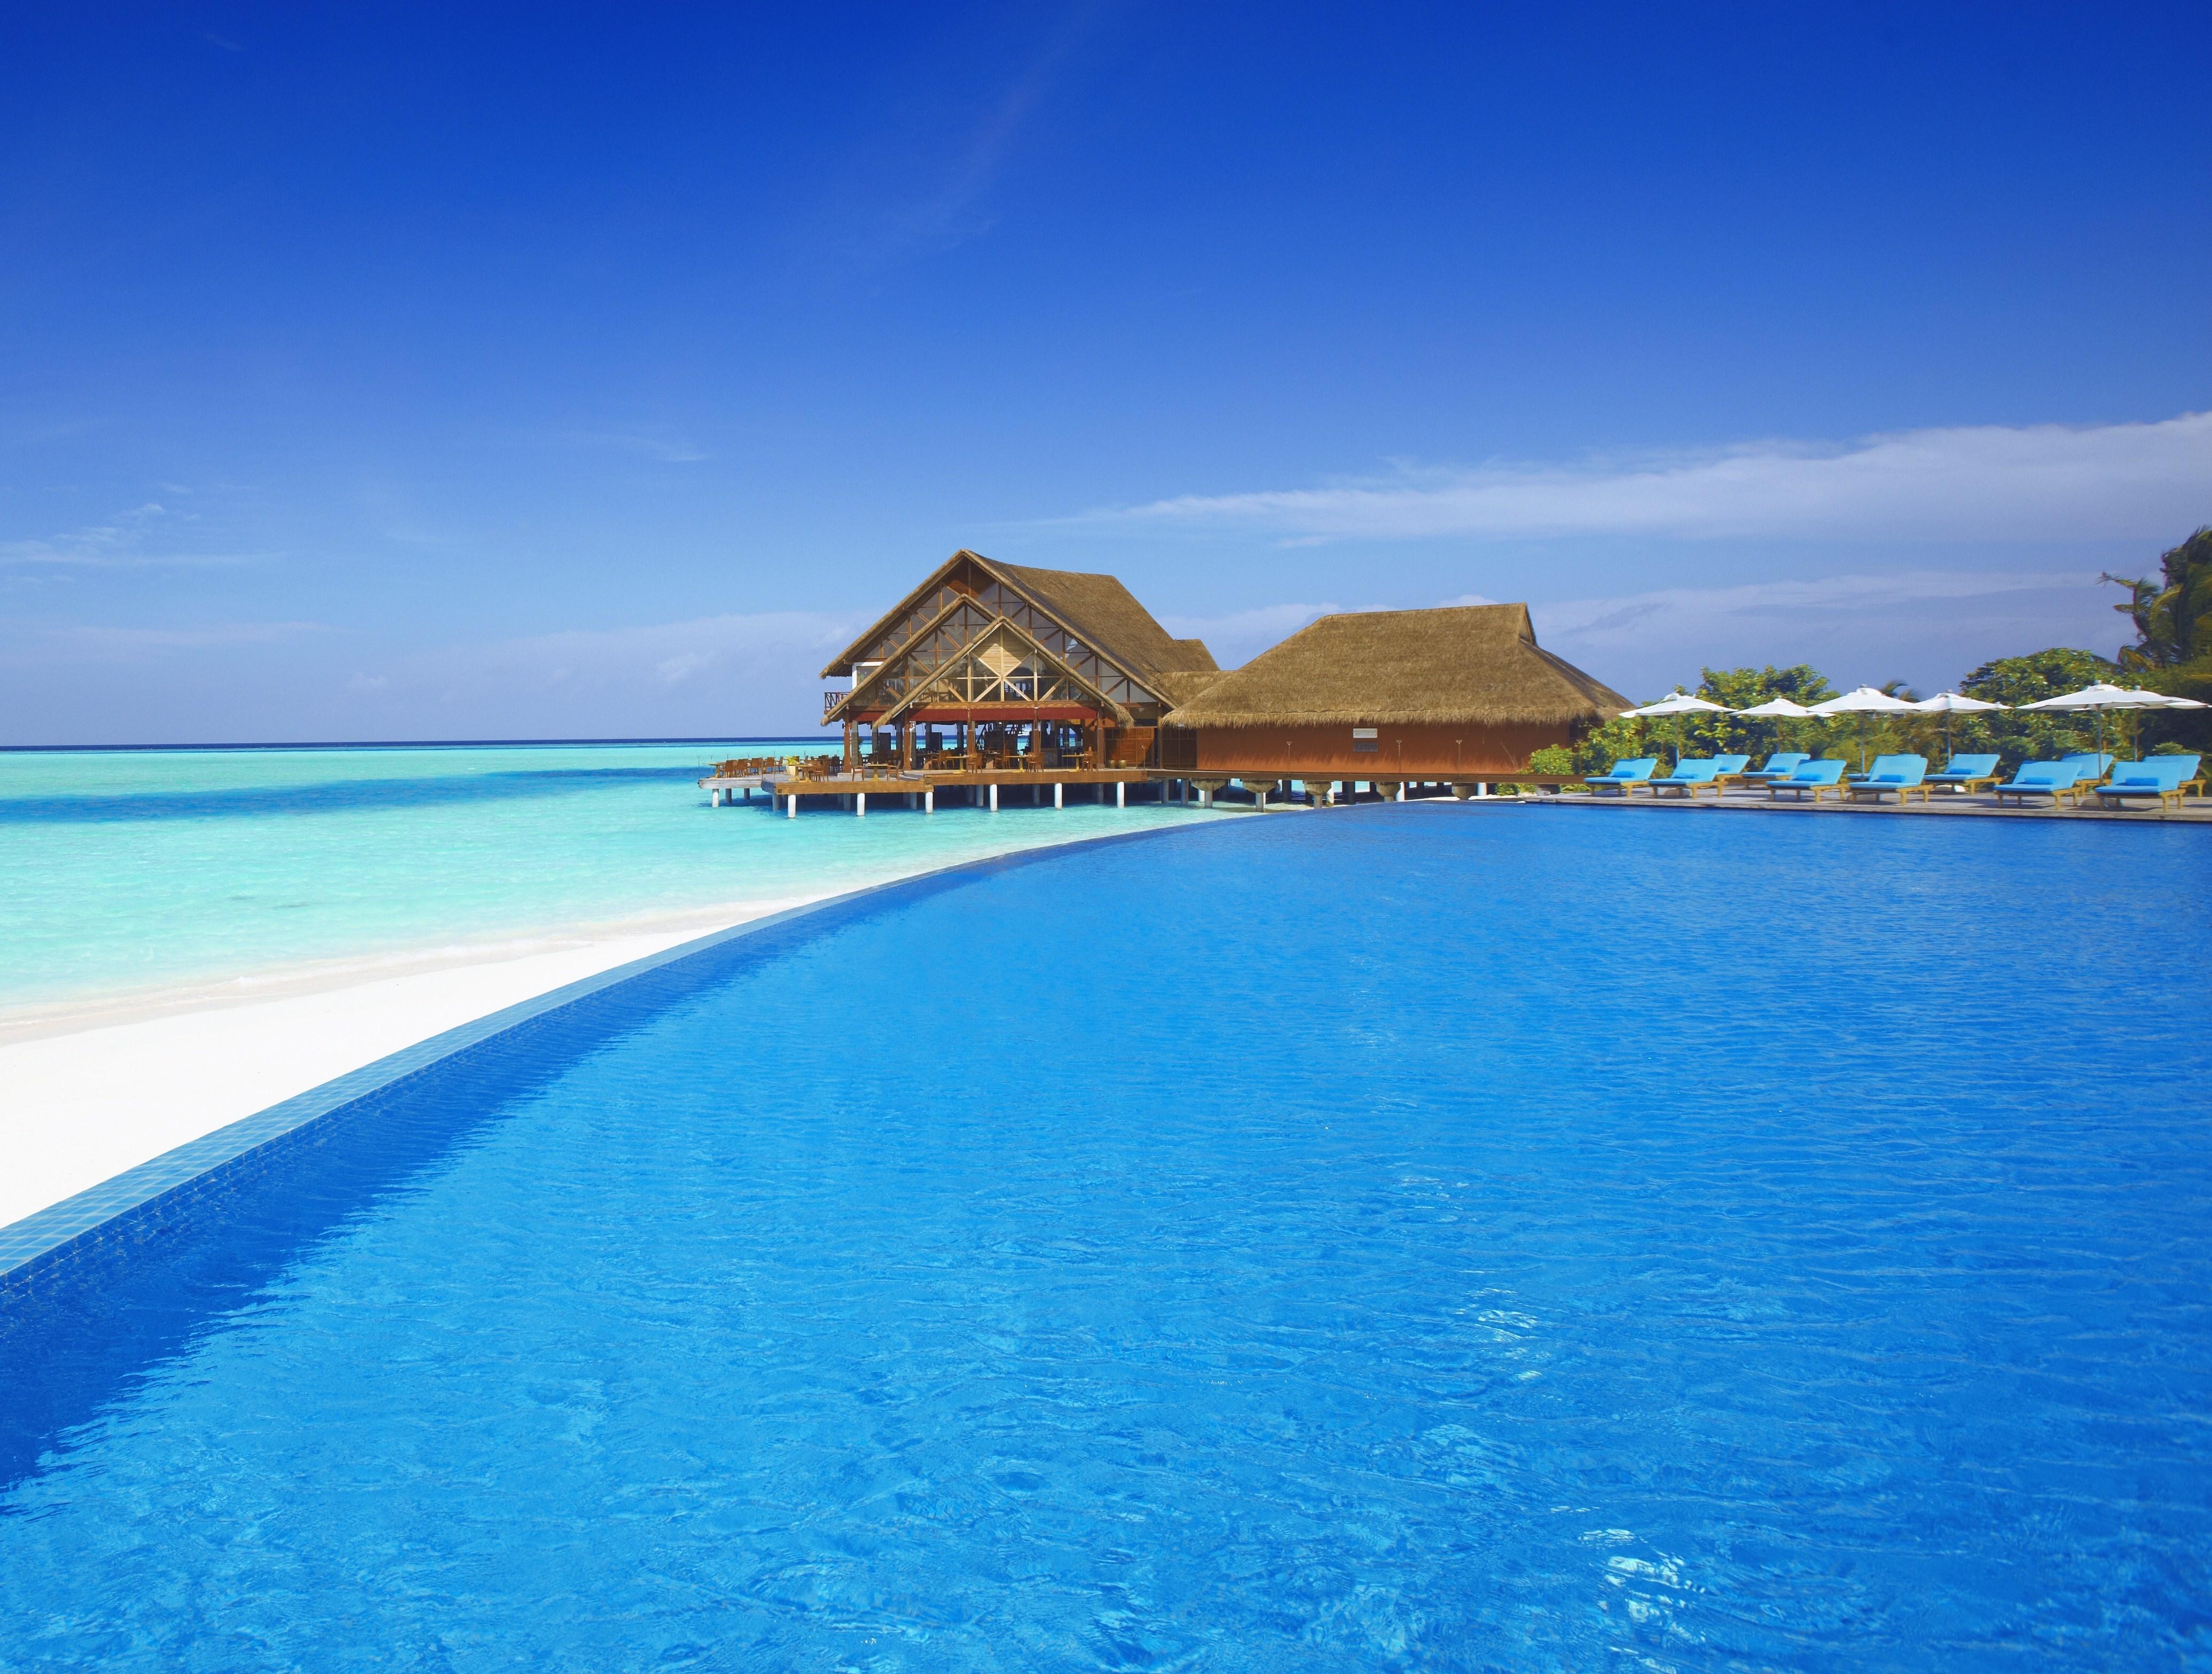 природа бассейн отдых море nature pool the rest sea  № 3546025 загрузить